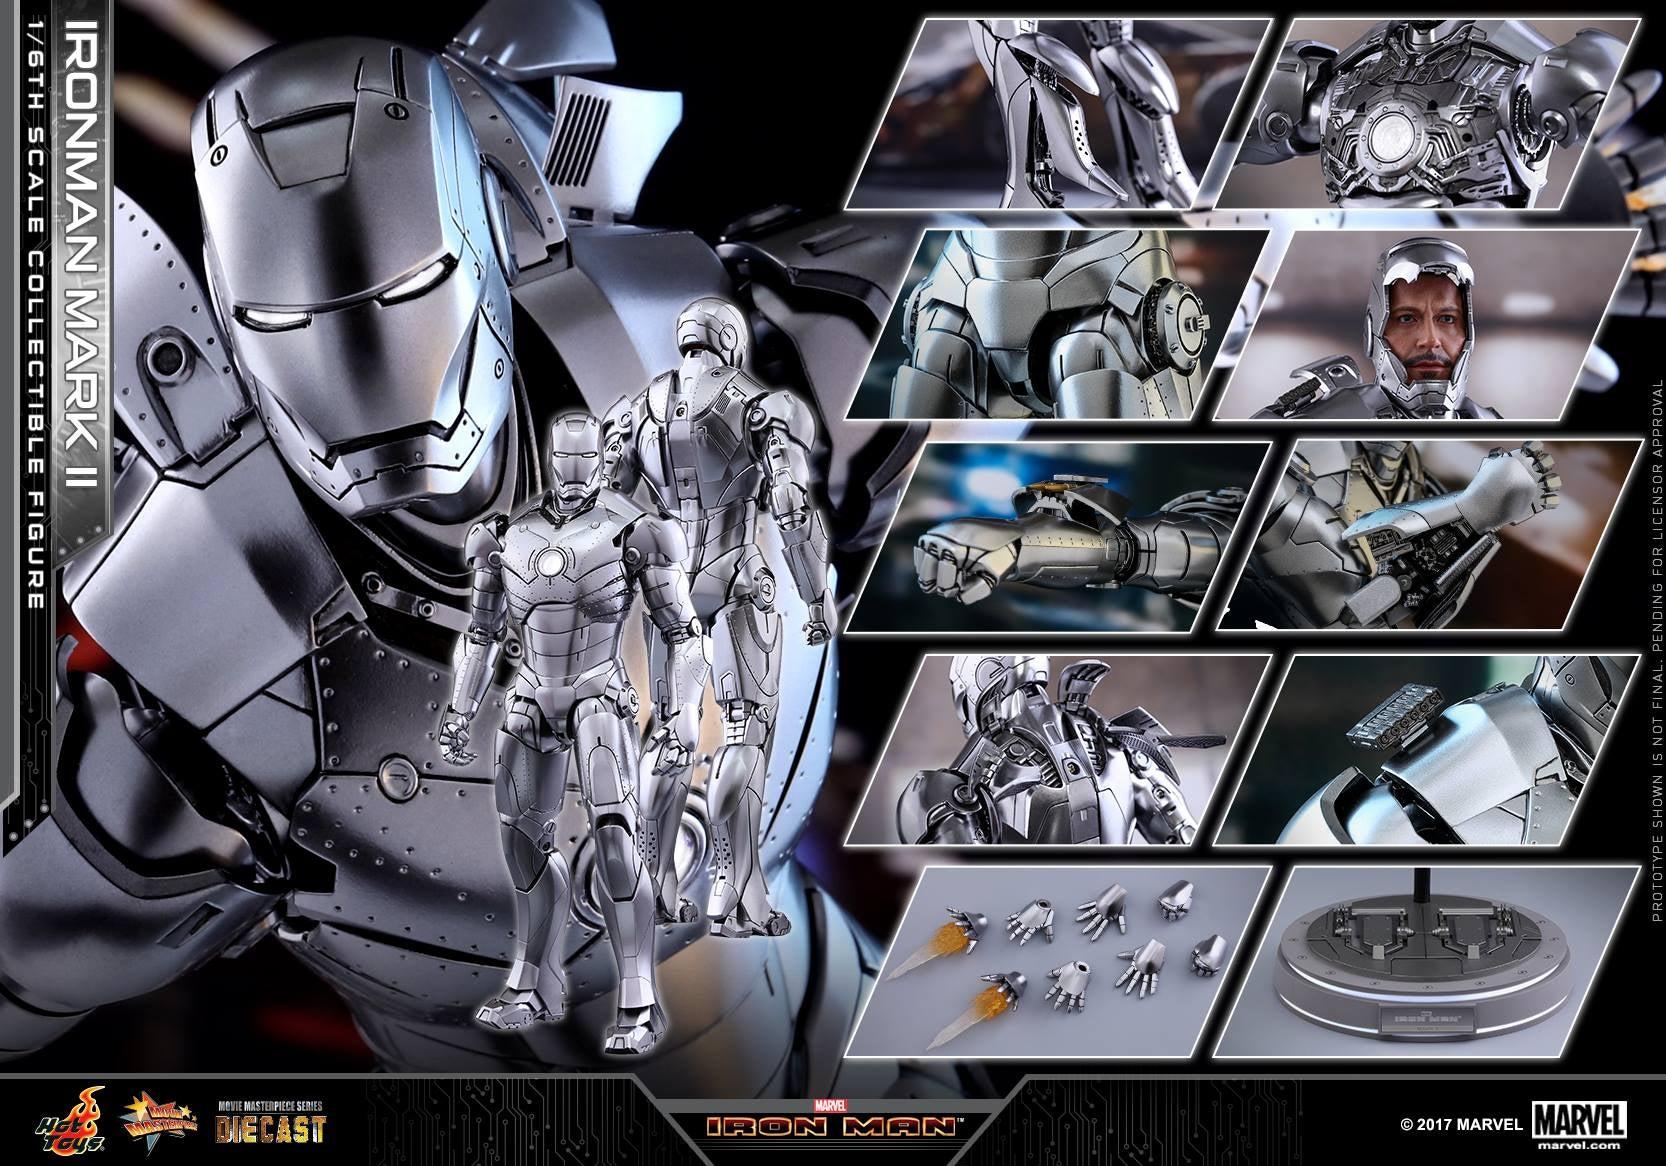 Hot-Toys-Iron-Man-Mark-II-Figure-019